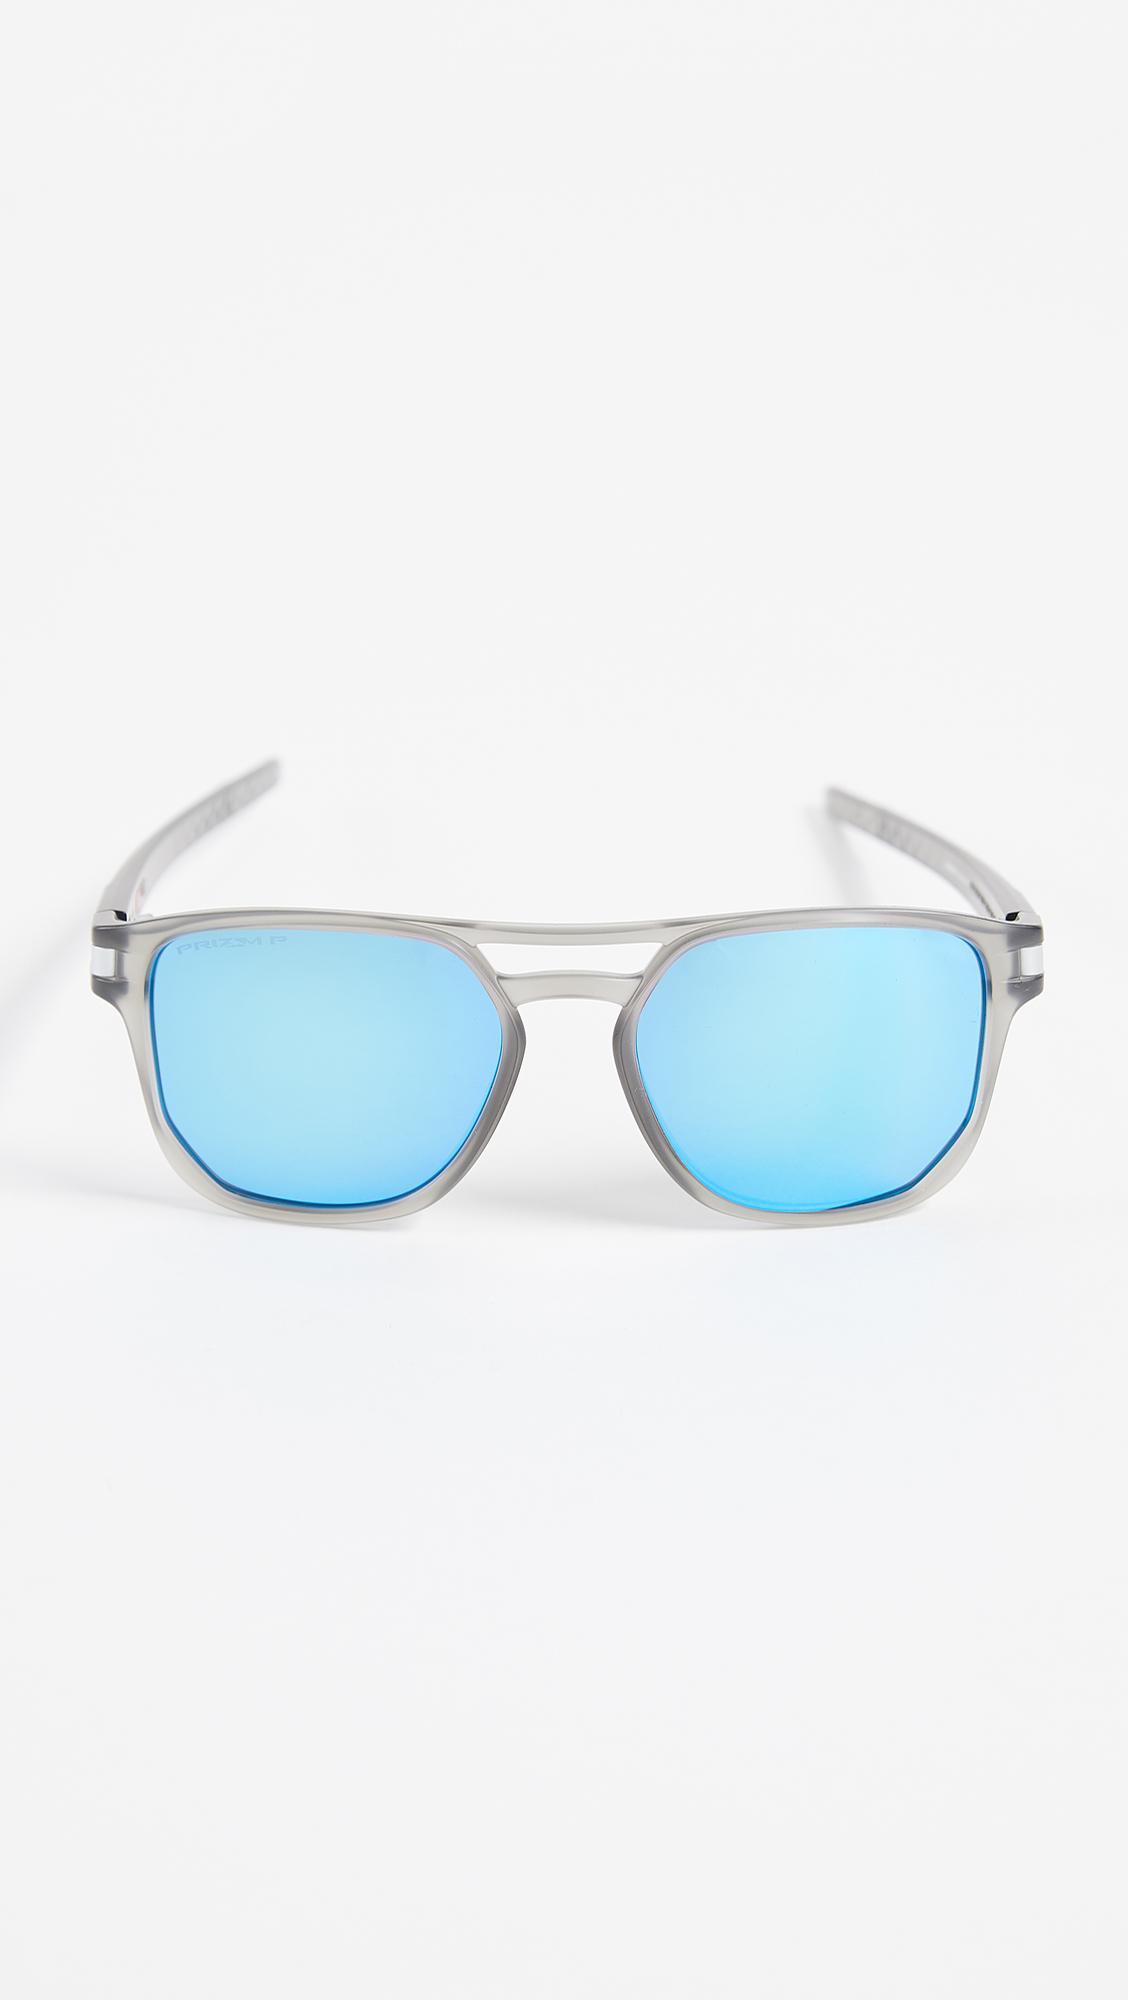 e89f132e67 Oakley Latch Beta Polarized Sunglasses in Blue for Men - Lyst